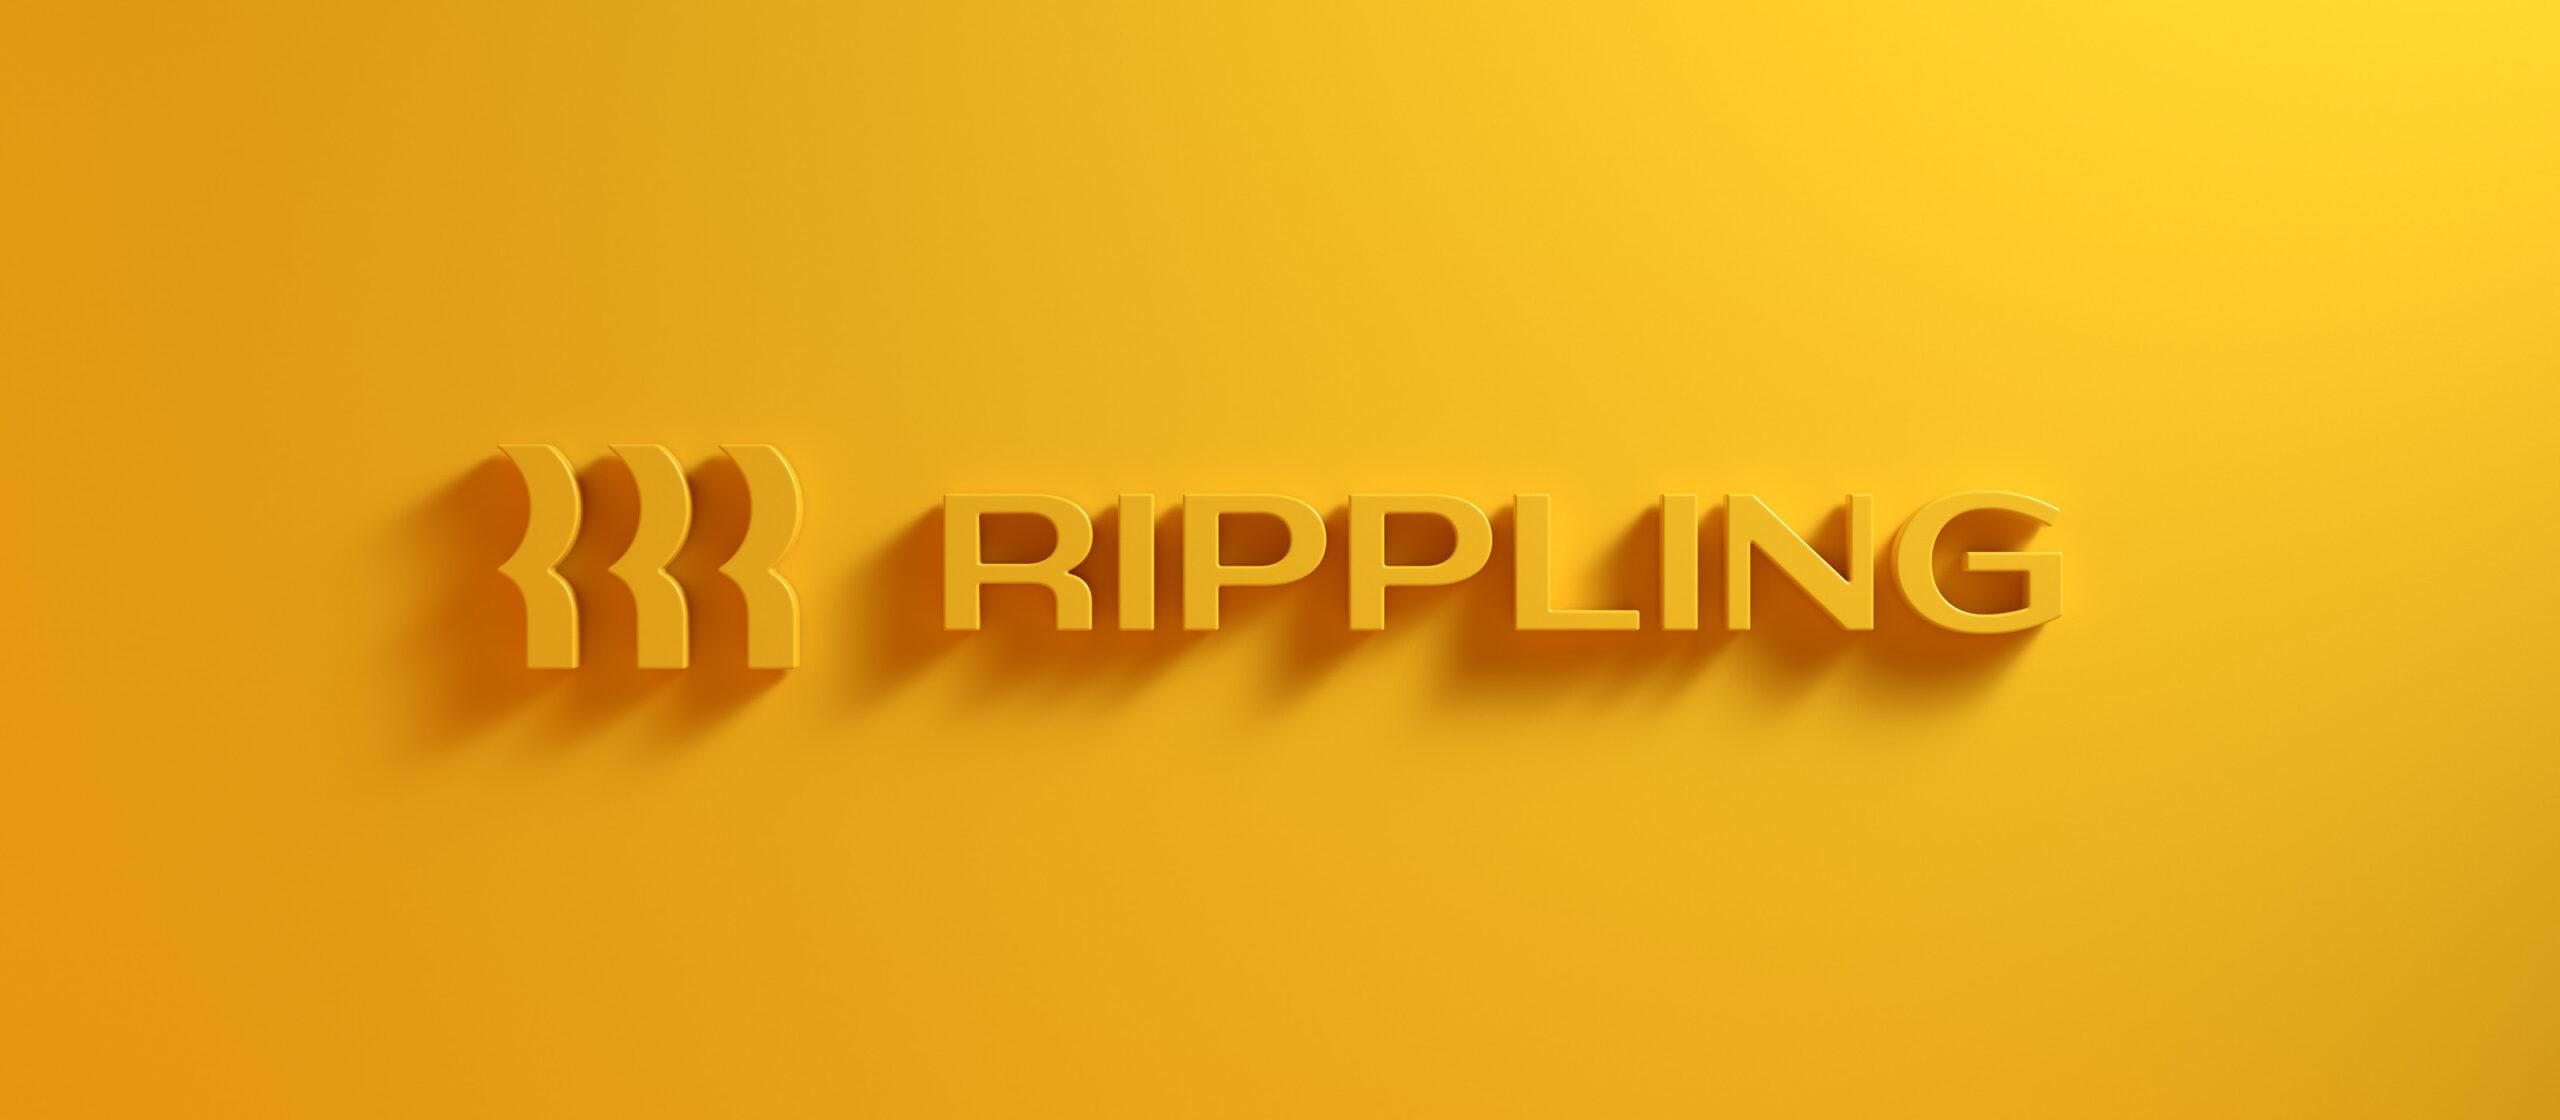 Wiesner.com_Cases_Rippling5